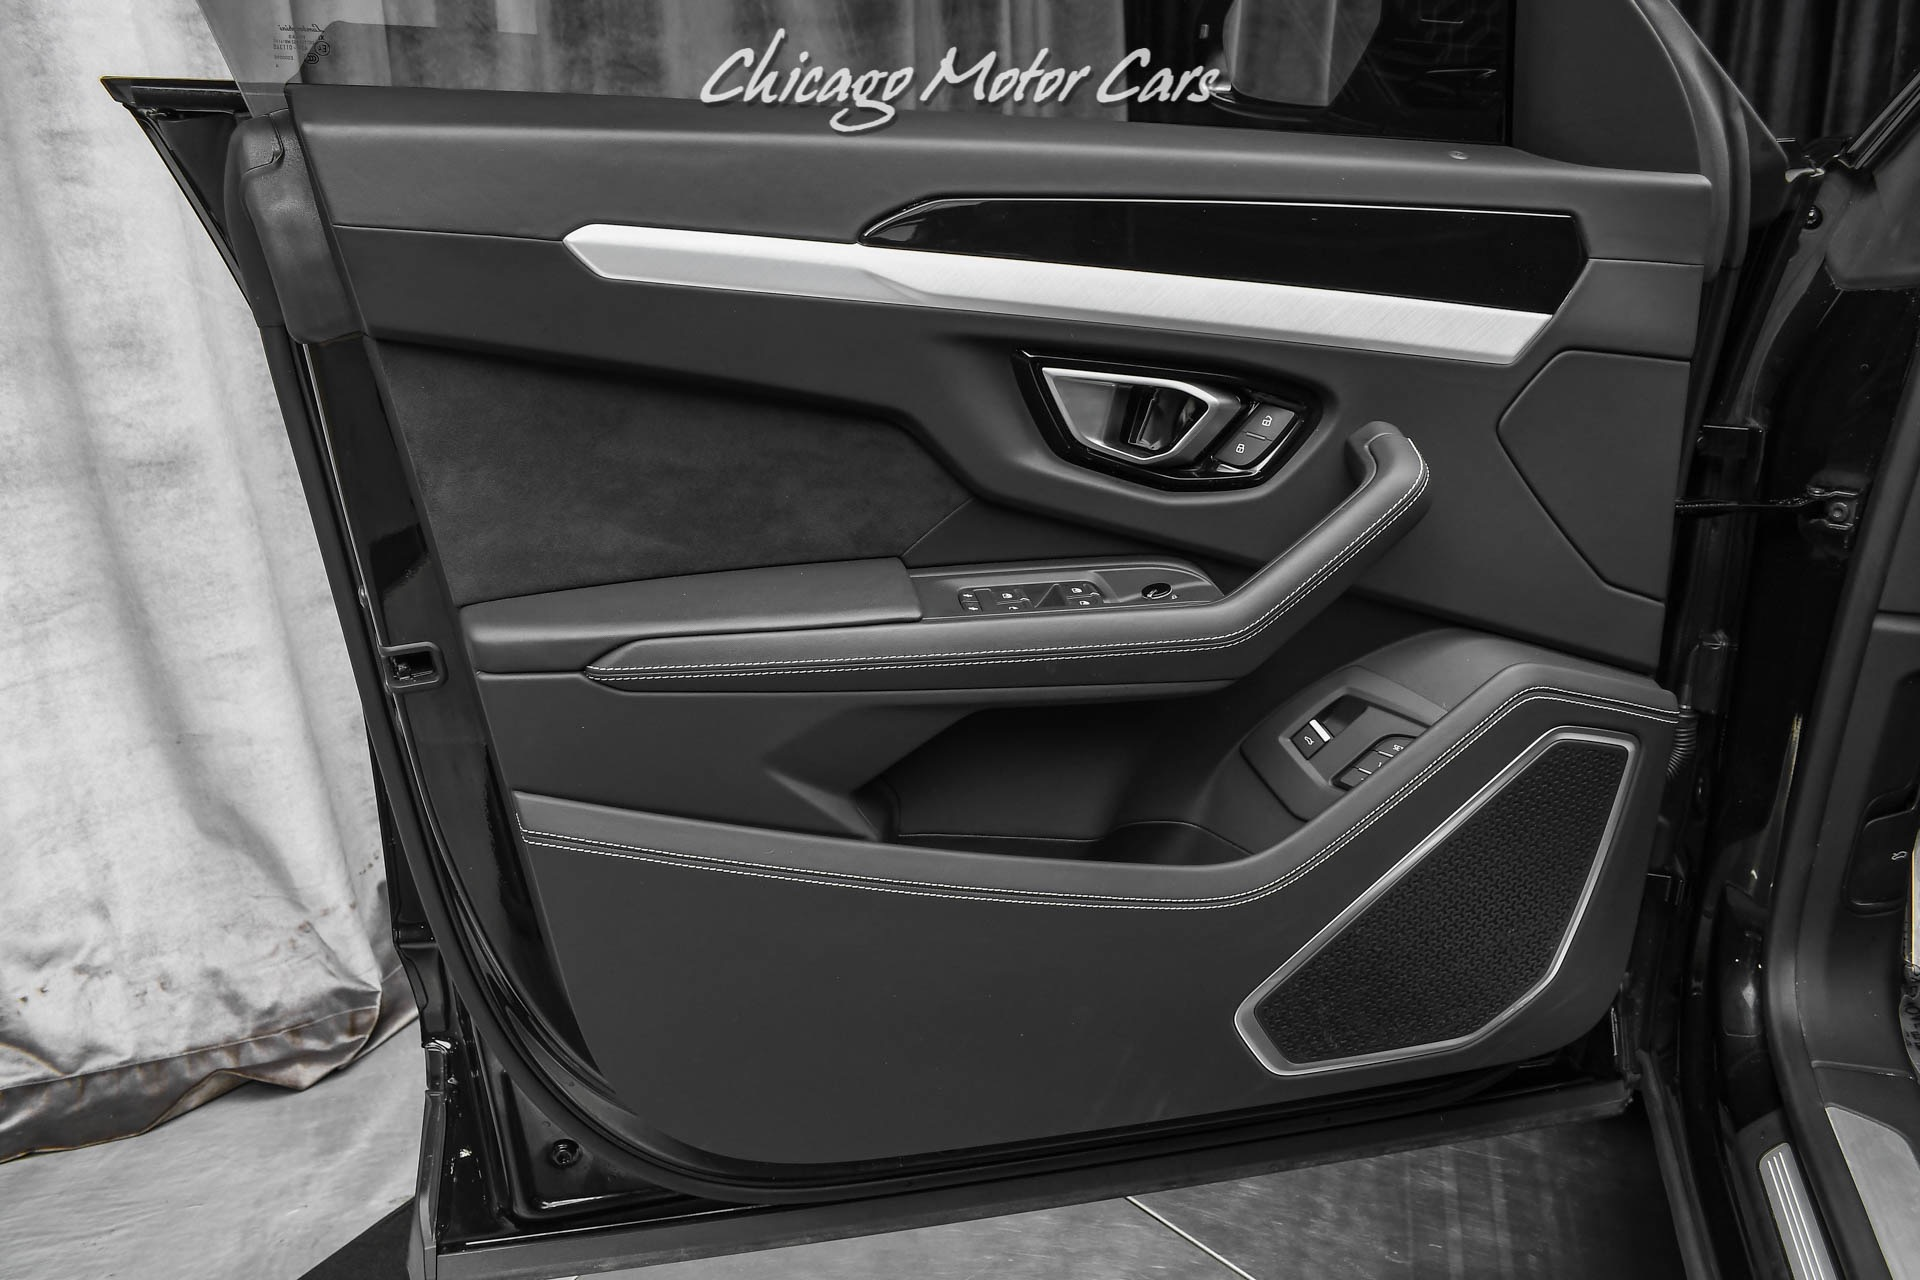 Used-2020-Lamborghini-Urus-Full-ADAS-Package-Akrapovic-Exhaust-Q-Citura-Stitching-Loaded